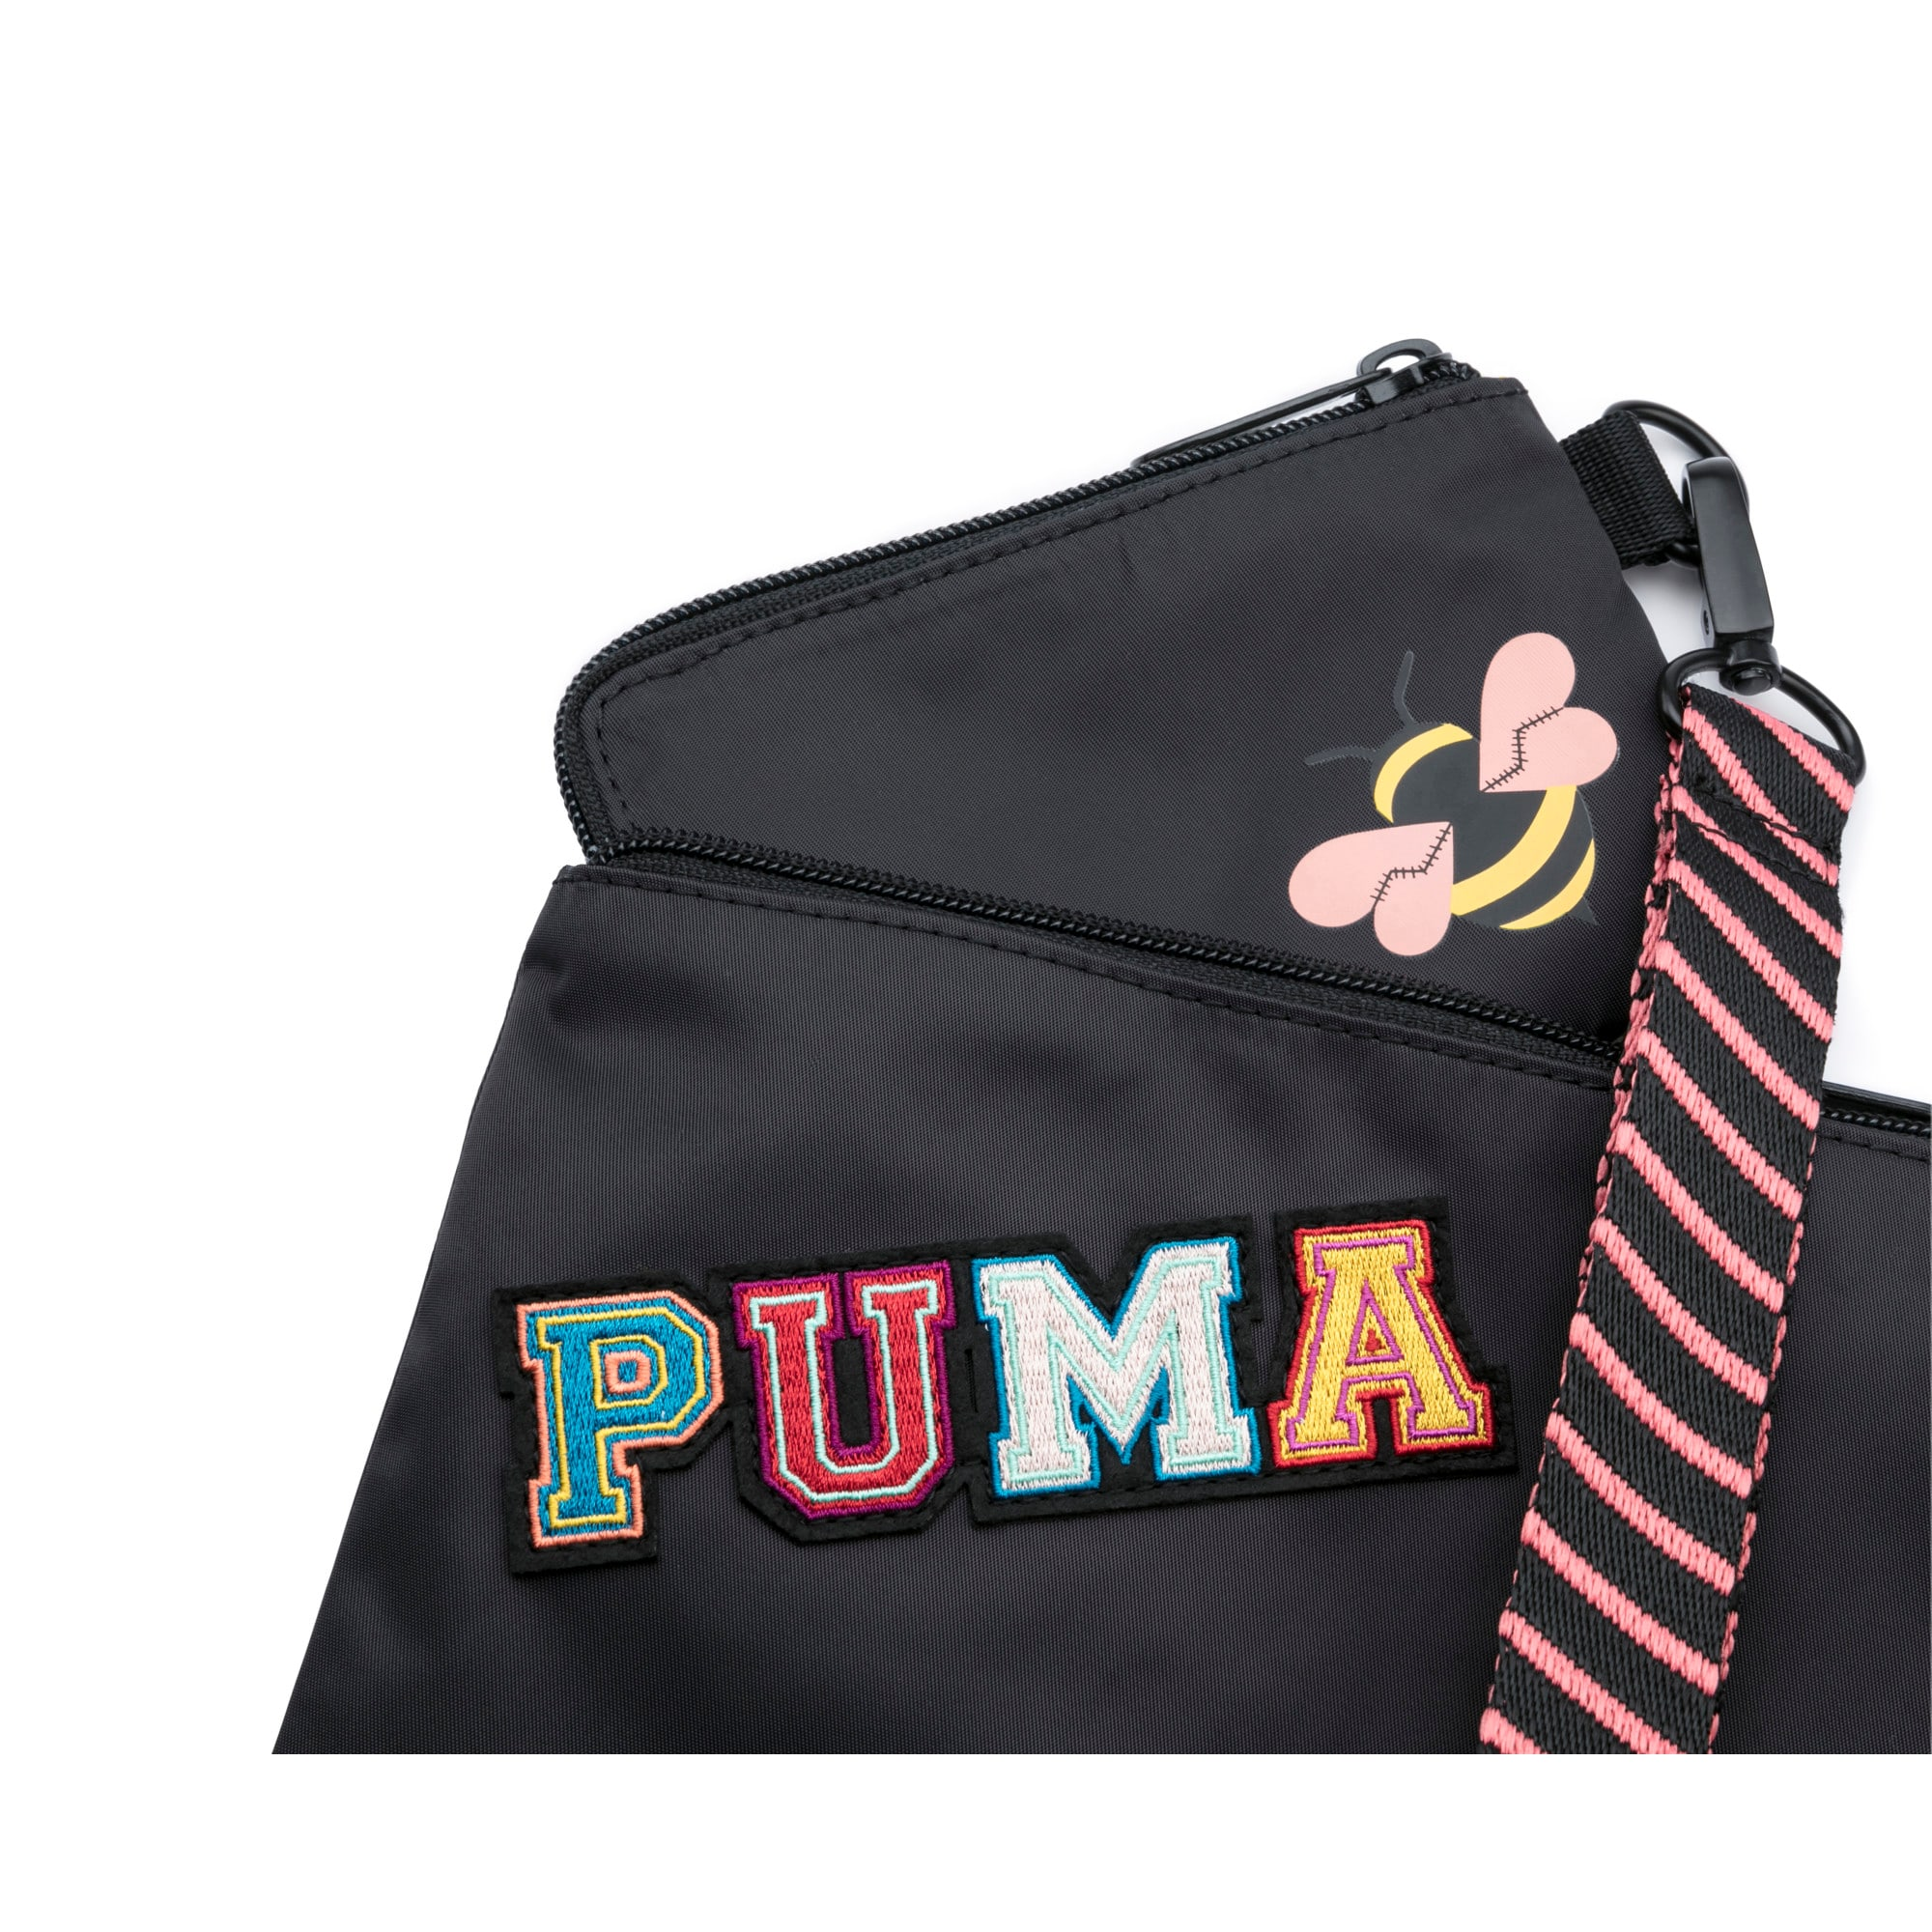 Thumbnail 5 of PUMA x Sue Tsai Women's Pouch, Puma Black, medium